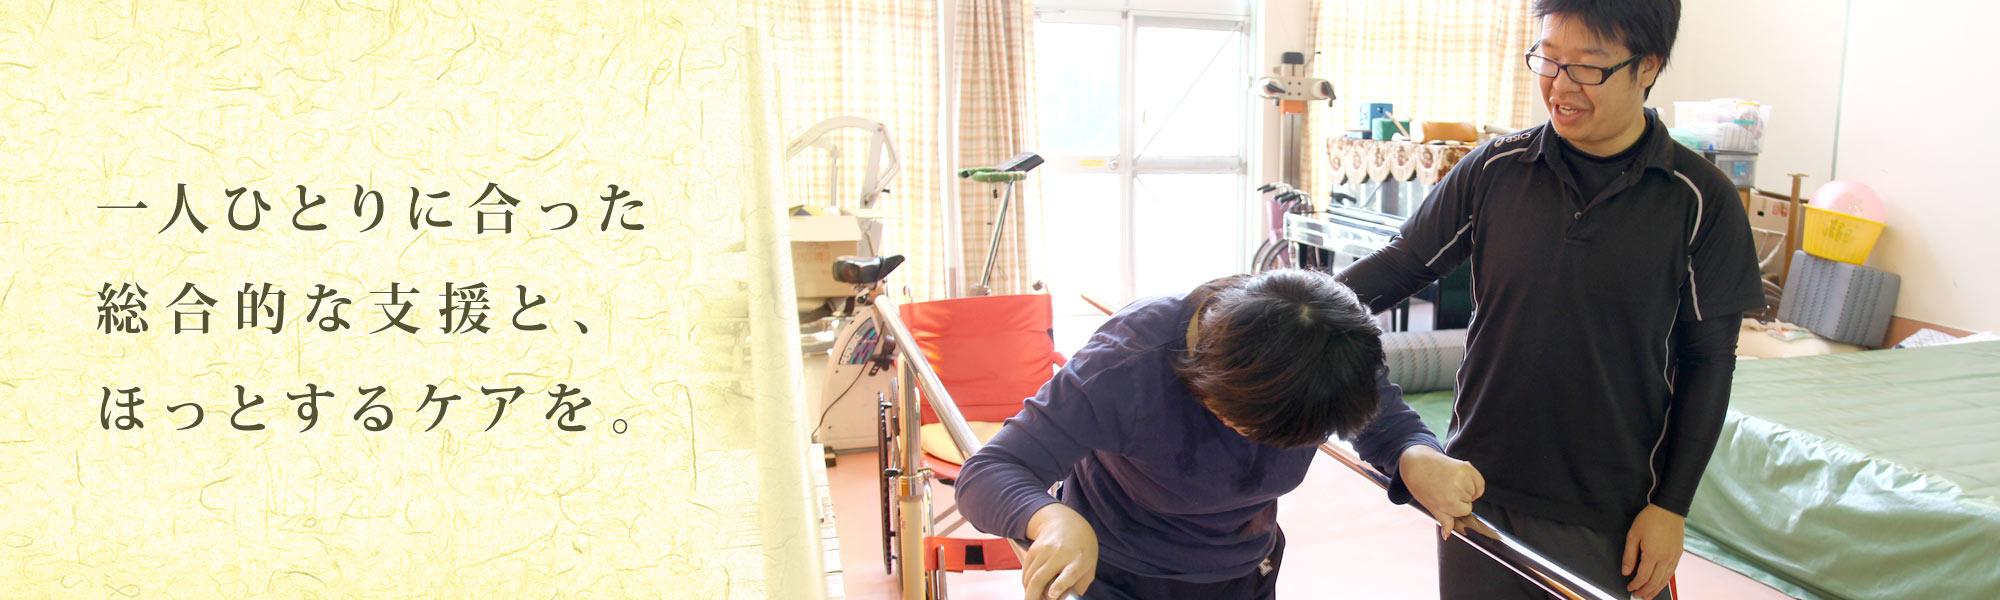 入所・デイサービス・生活介護・訪問介護・障がい児支援をする障がい者支援施設なら「山郷館弘前グループ」【青森県弘前市】